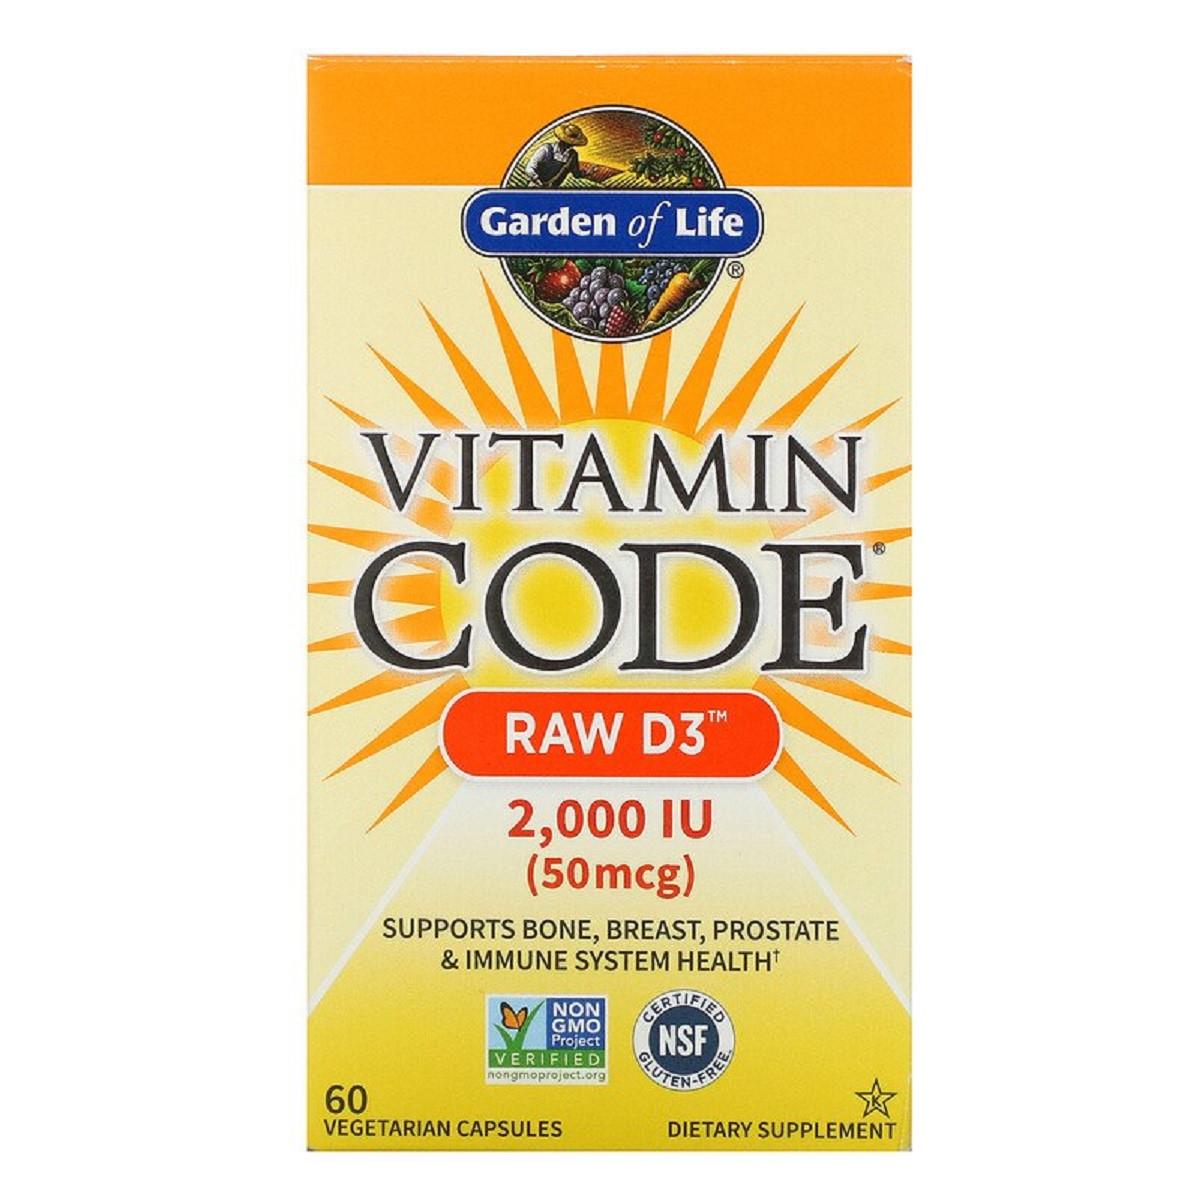 Сырой Витамин D3, RAW D3, Vitamin Code, Garden of Life, 2000 МЕ (50 мкг), 60 вегетарианских капсул